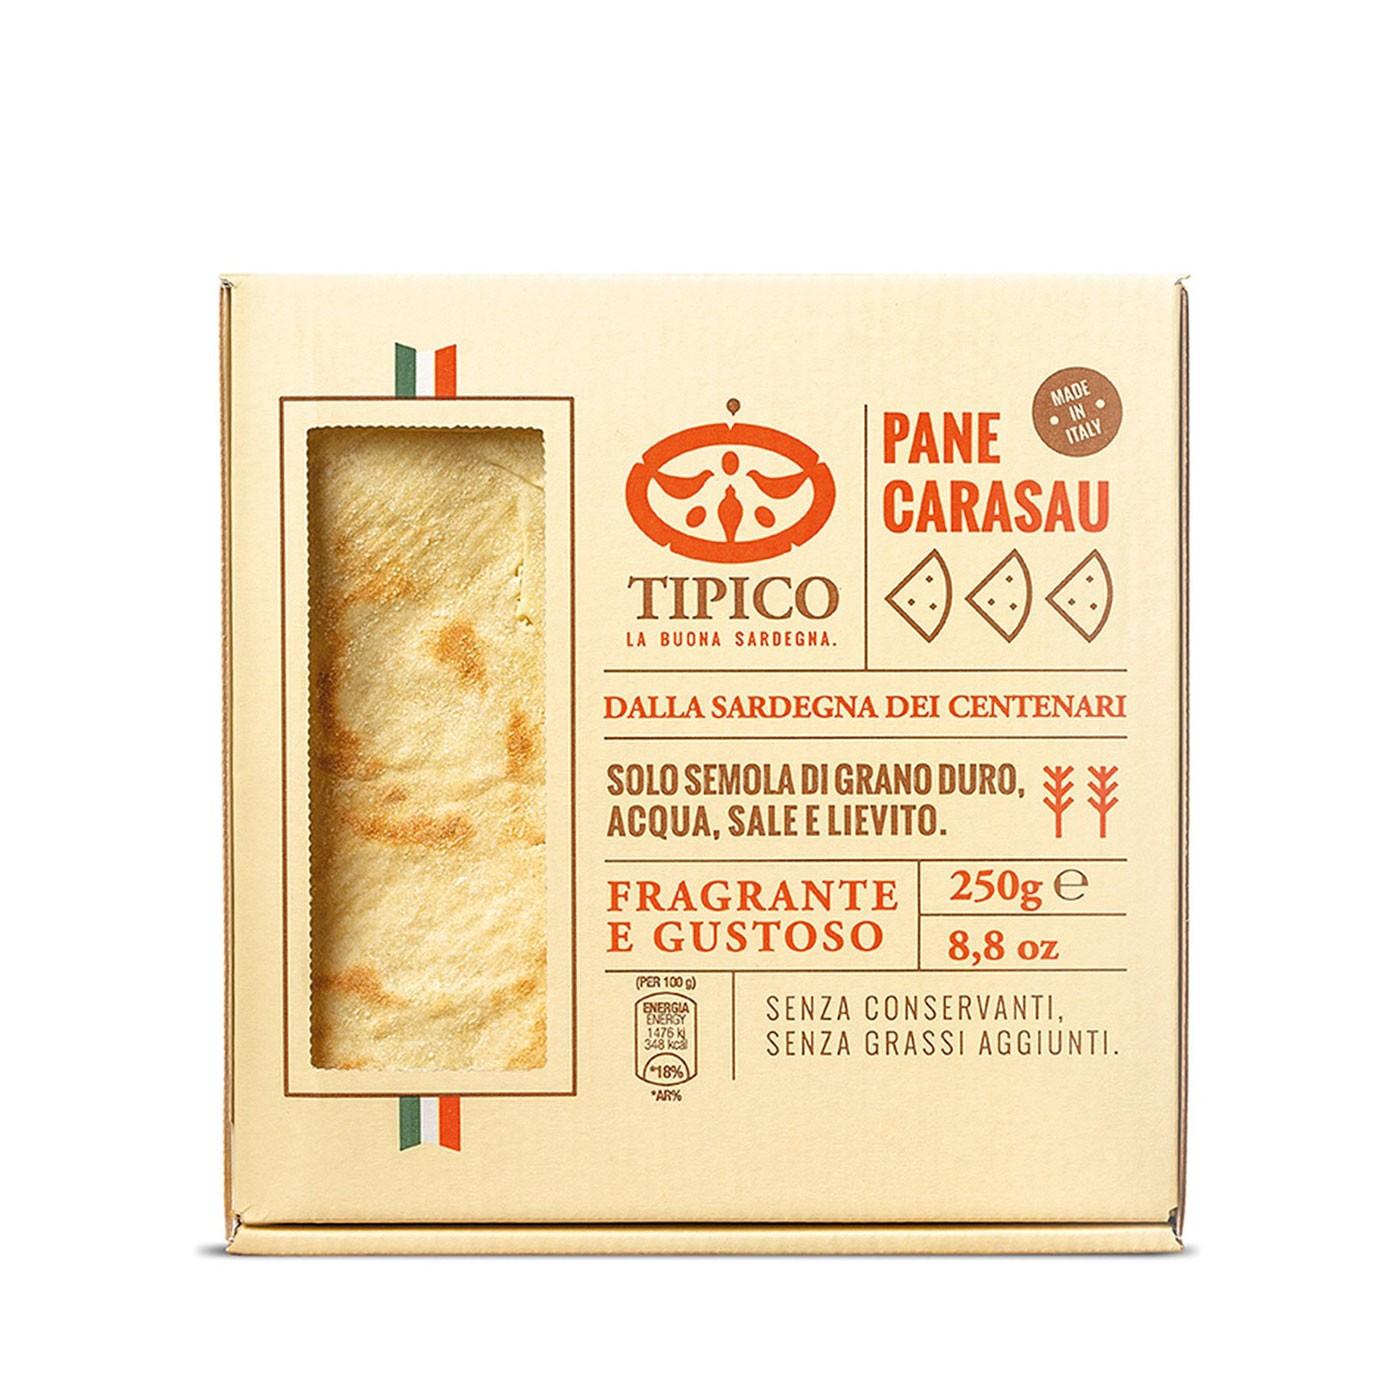 Pane Carasau Crispbread 8.8 oz - Tipico